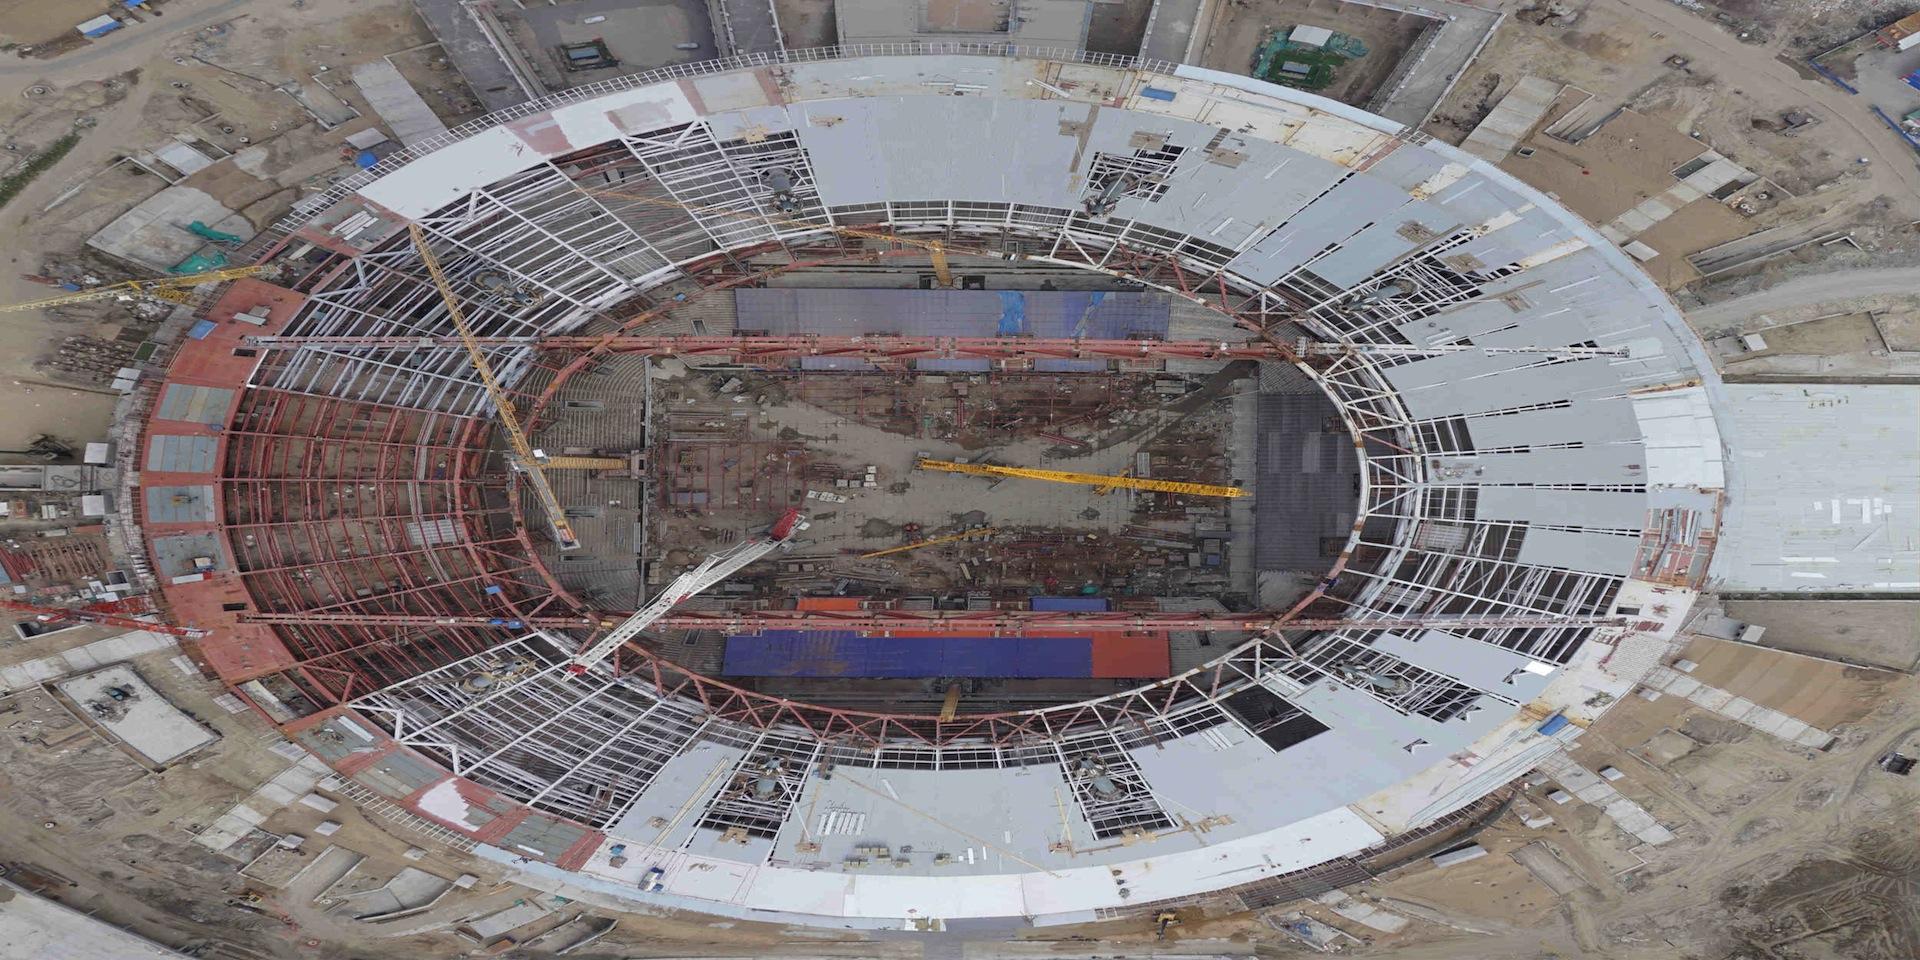 Завершен монтаж металлоконструкций стационарной кровли на стадионе в Санкт-Петербурге